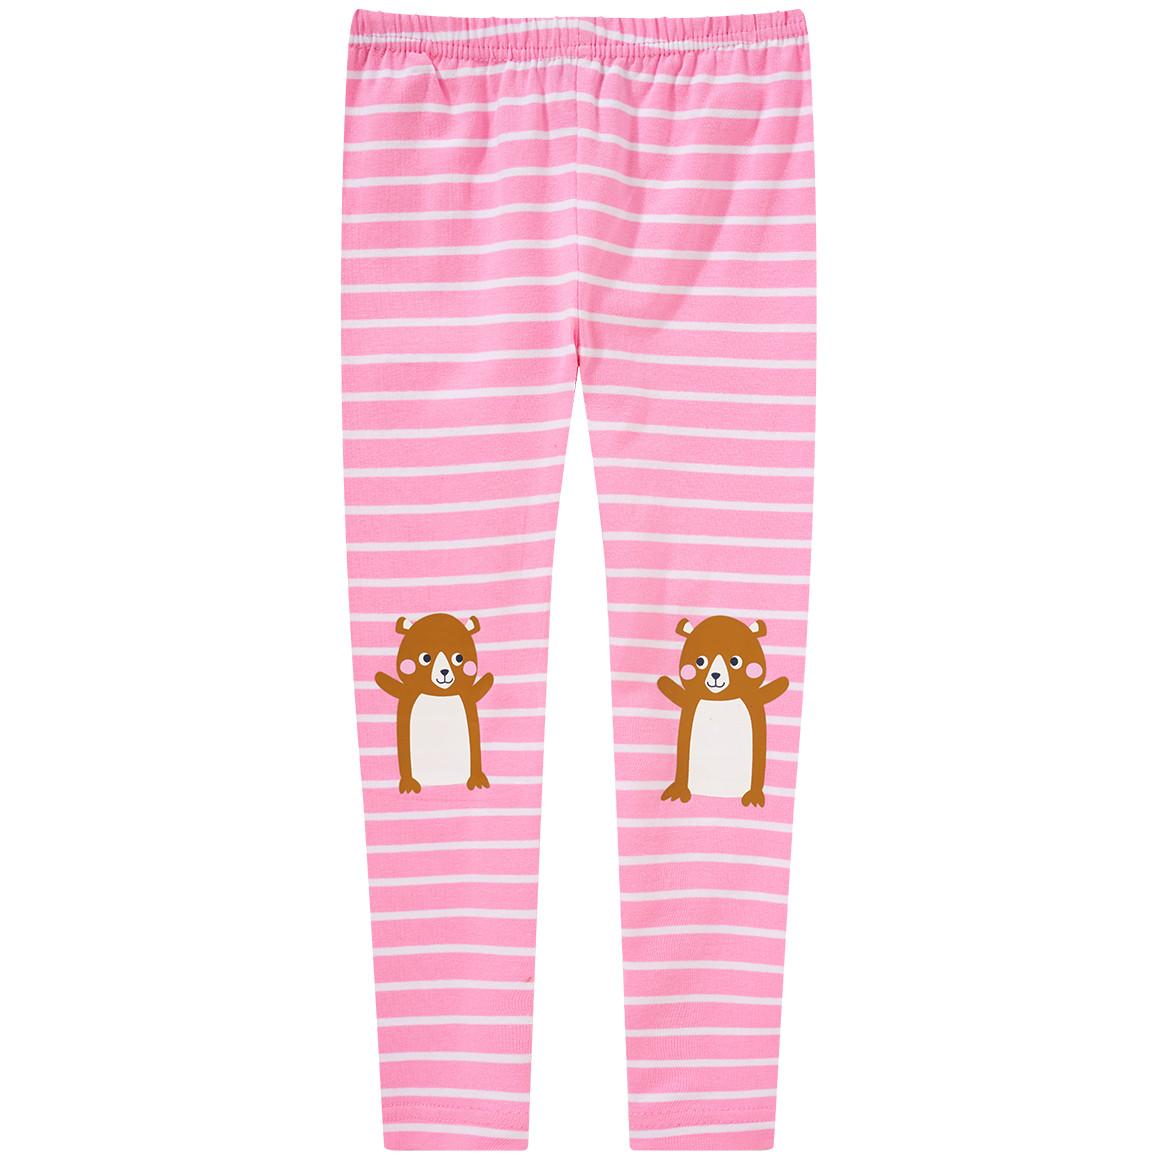 Minigirlhosen - Mädchen Leggings mit Hamster Motiv - Onlineshop Ernstings family